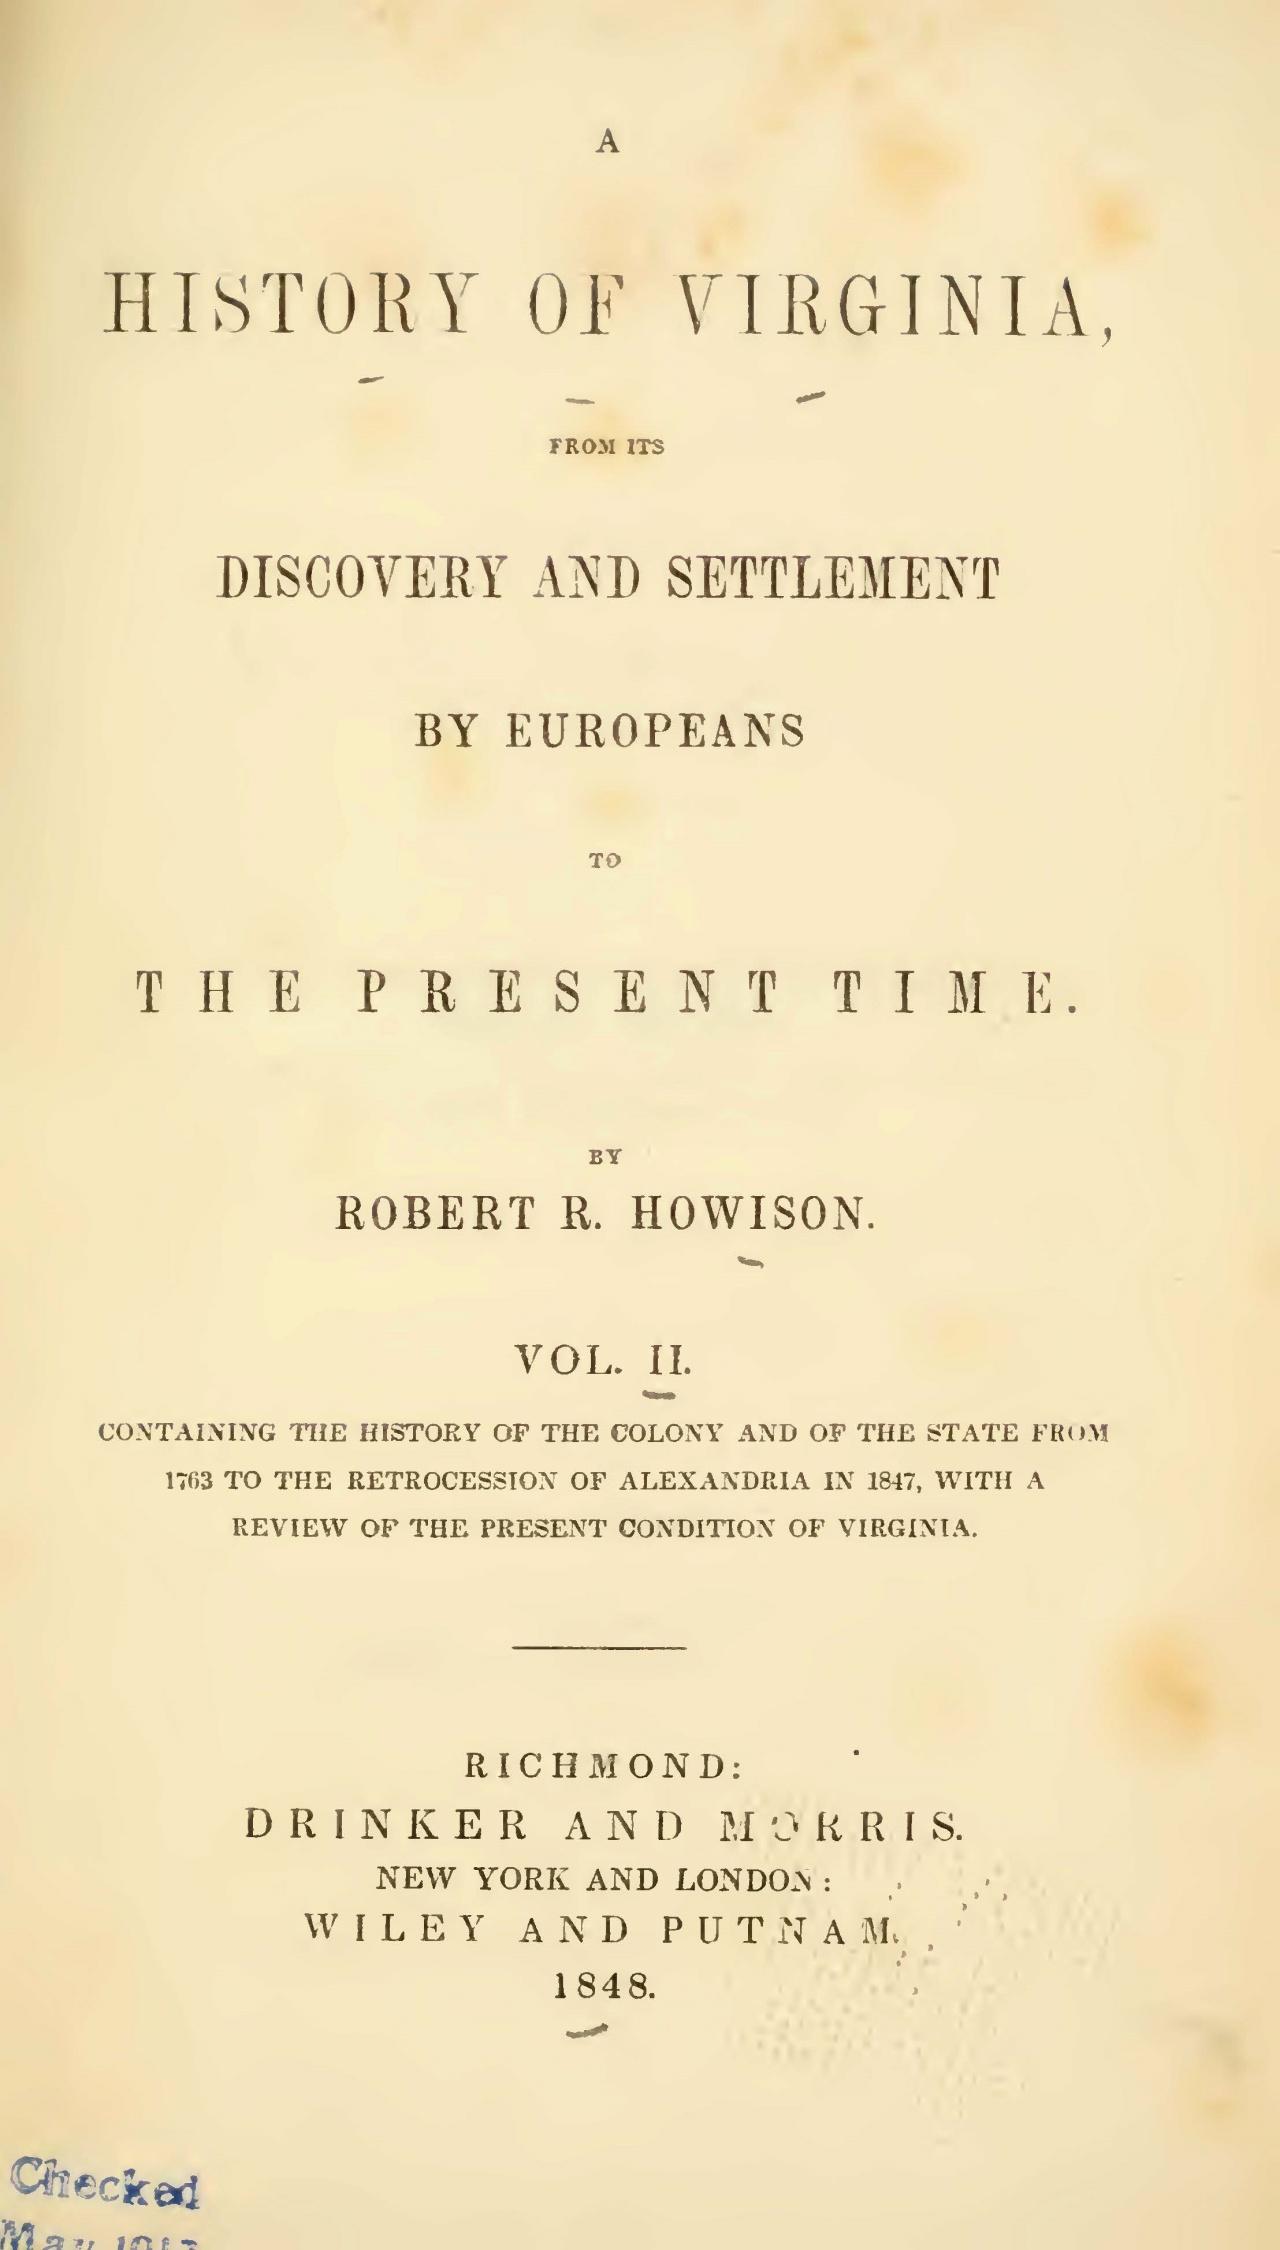 Howison, Robert Reid, A History of Virginia, Vol. 2 Title Page.jpg